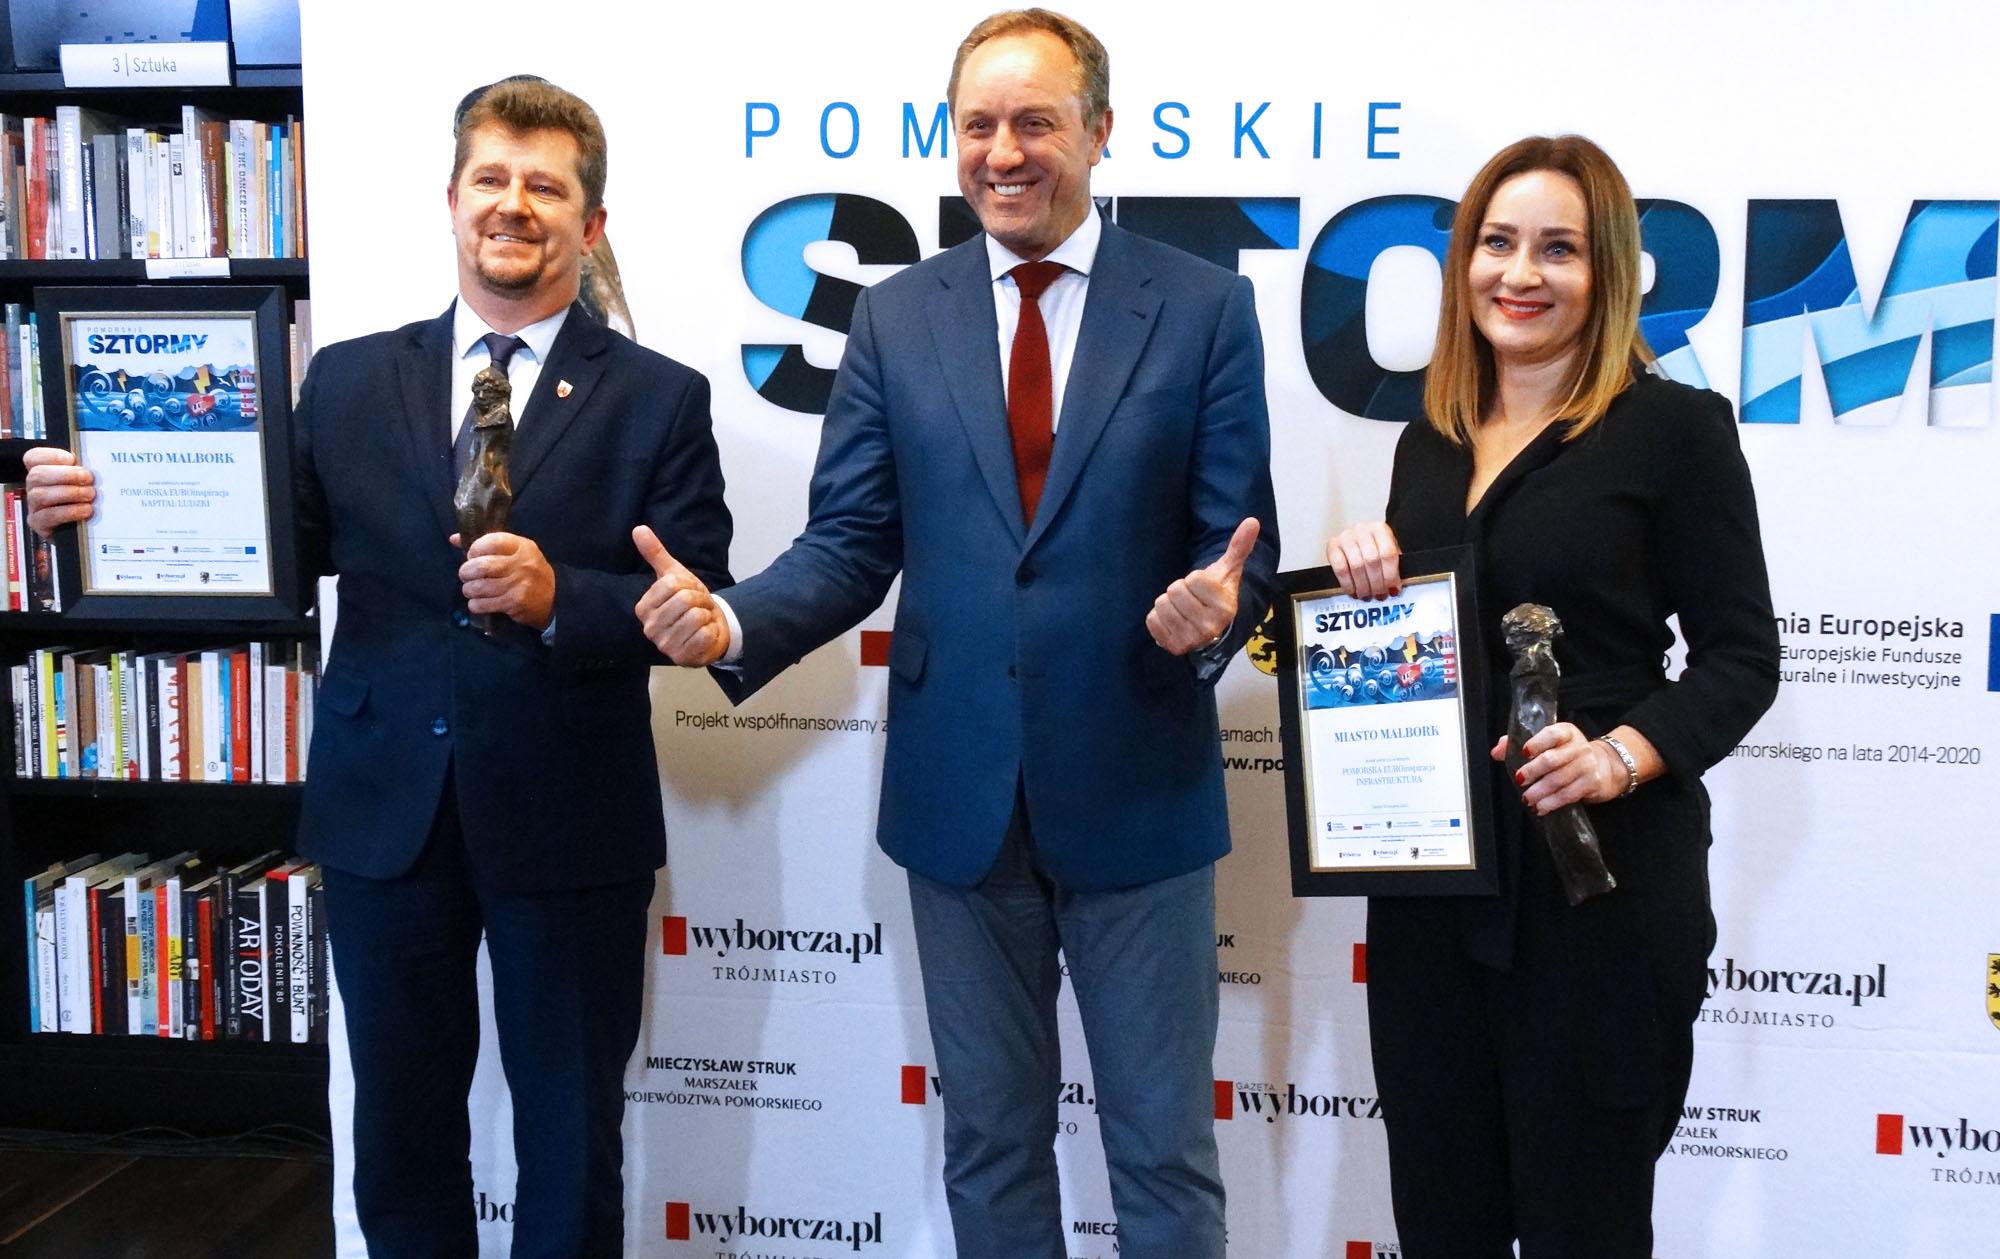 Gala Pomorskich Sztormów 2019. Znamy tegorocznych zwycięzców! [ZDJĘCIA]